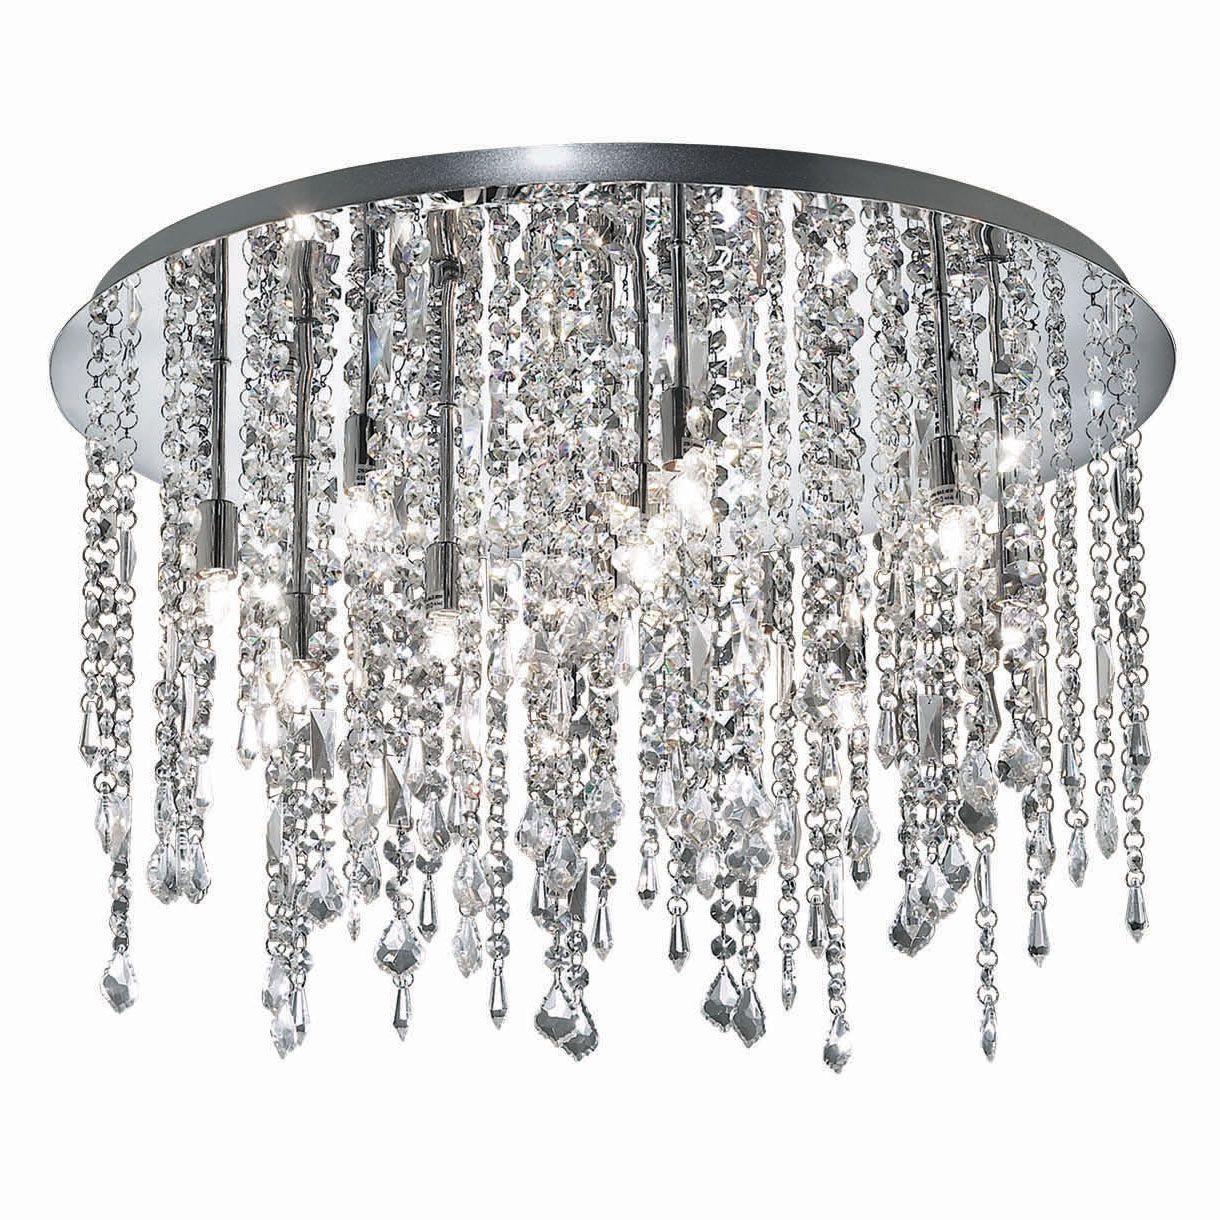 Купить Потолочный светильник Ideal Lux Royal PL в интернет магазине дизайнерской мебели и аксессуаров для дома и дачи